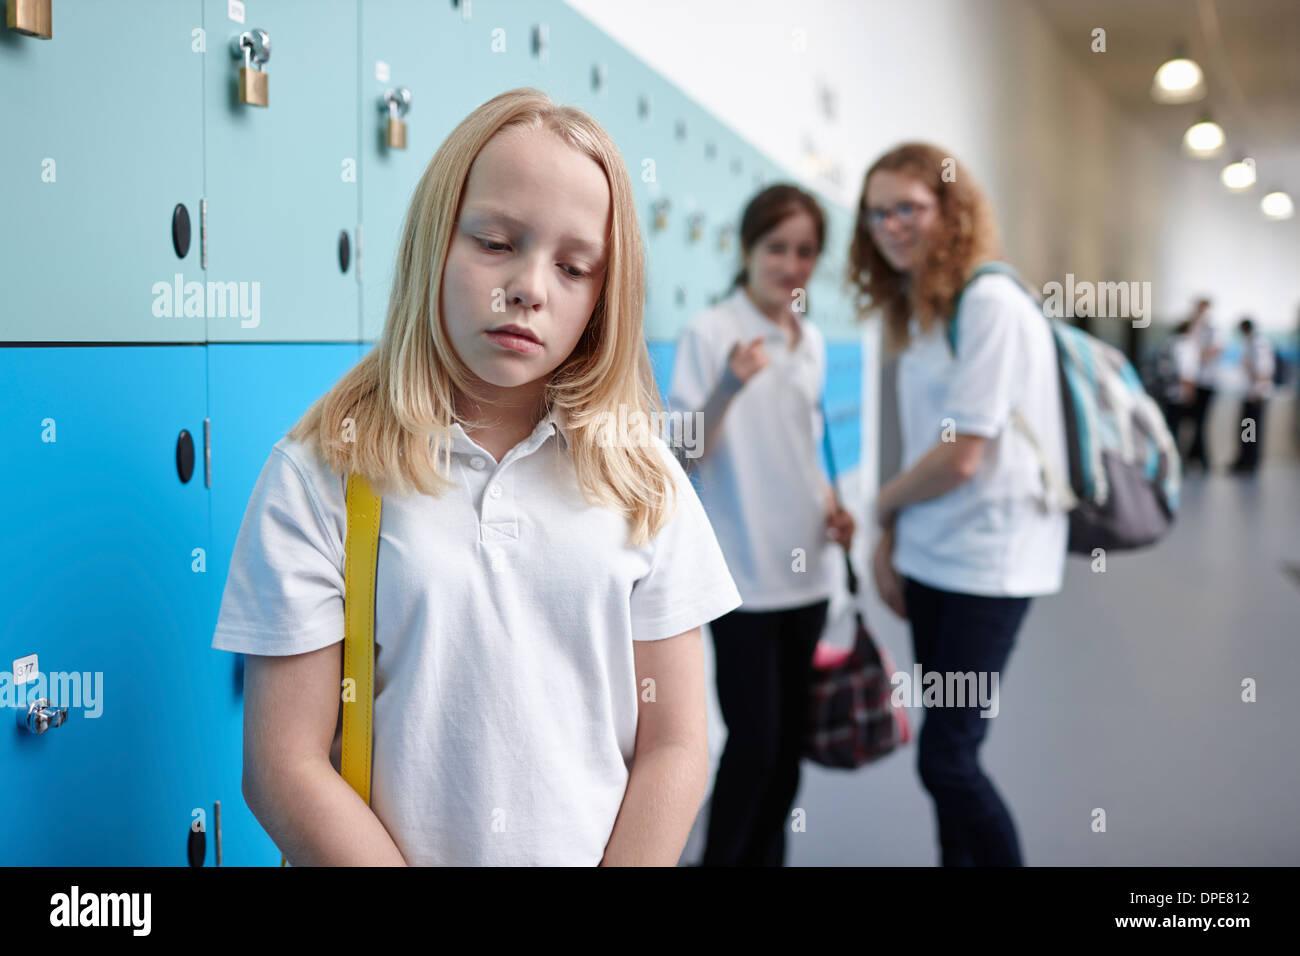 Schulmädchen im Flur der Schule gemobbt Stockbild